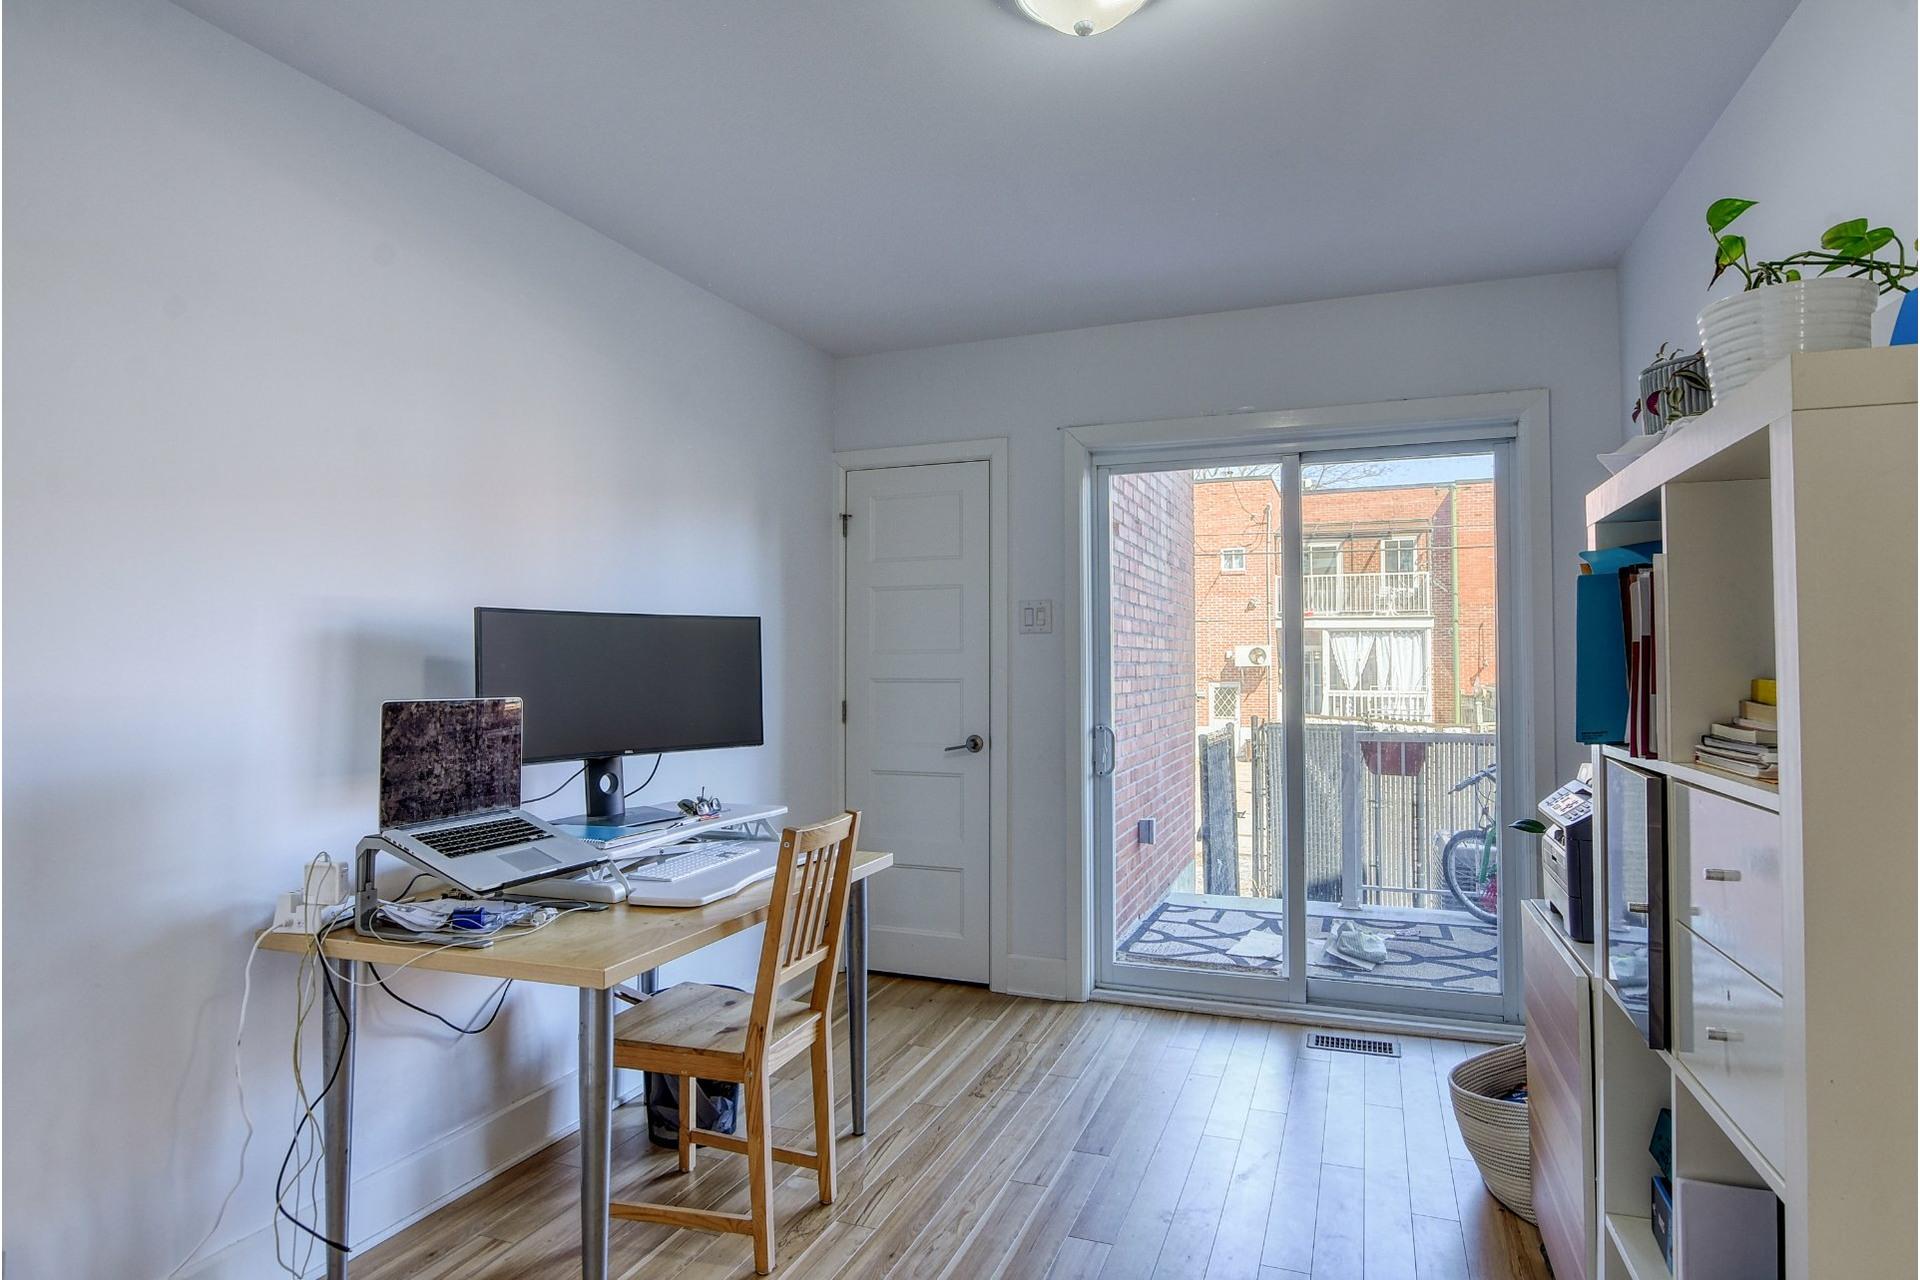 image 10 - Apartment For rent Verdun/Île-des-Soeurs Montréal  - 6 rooms